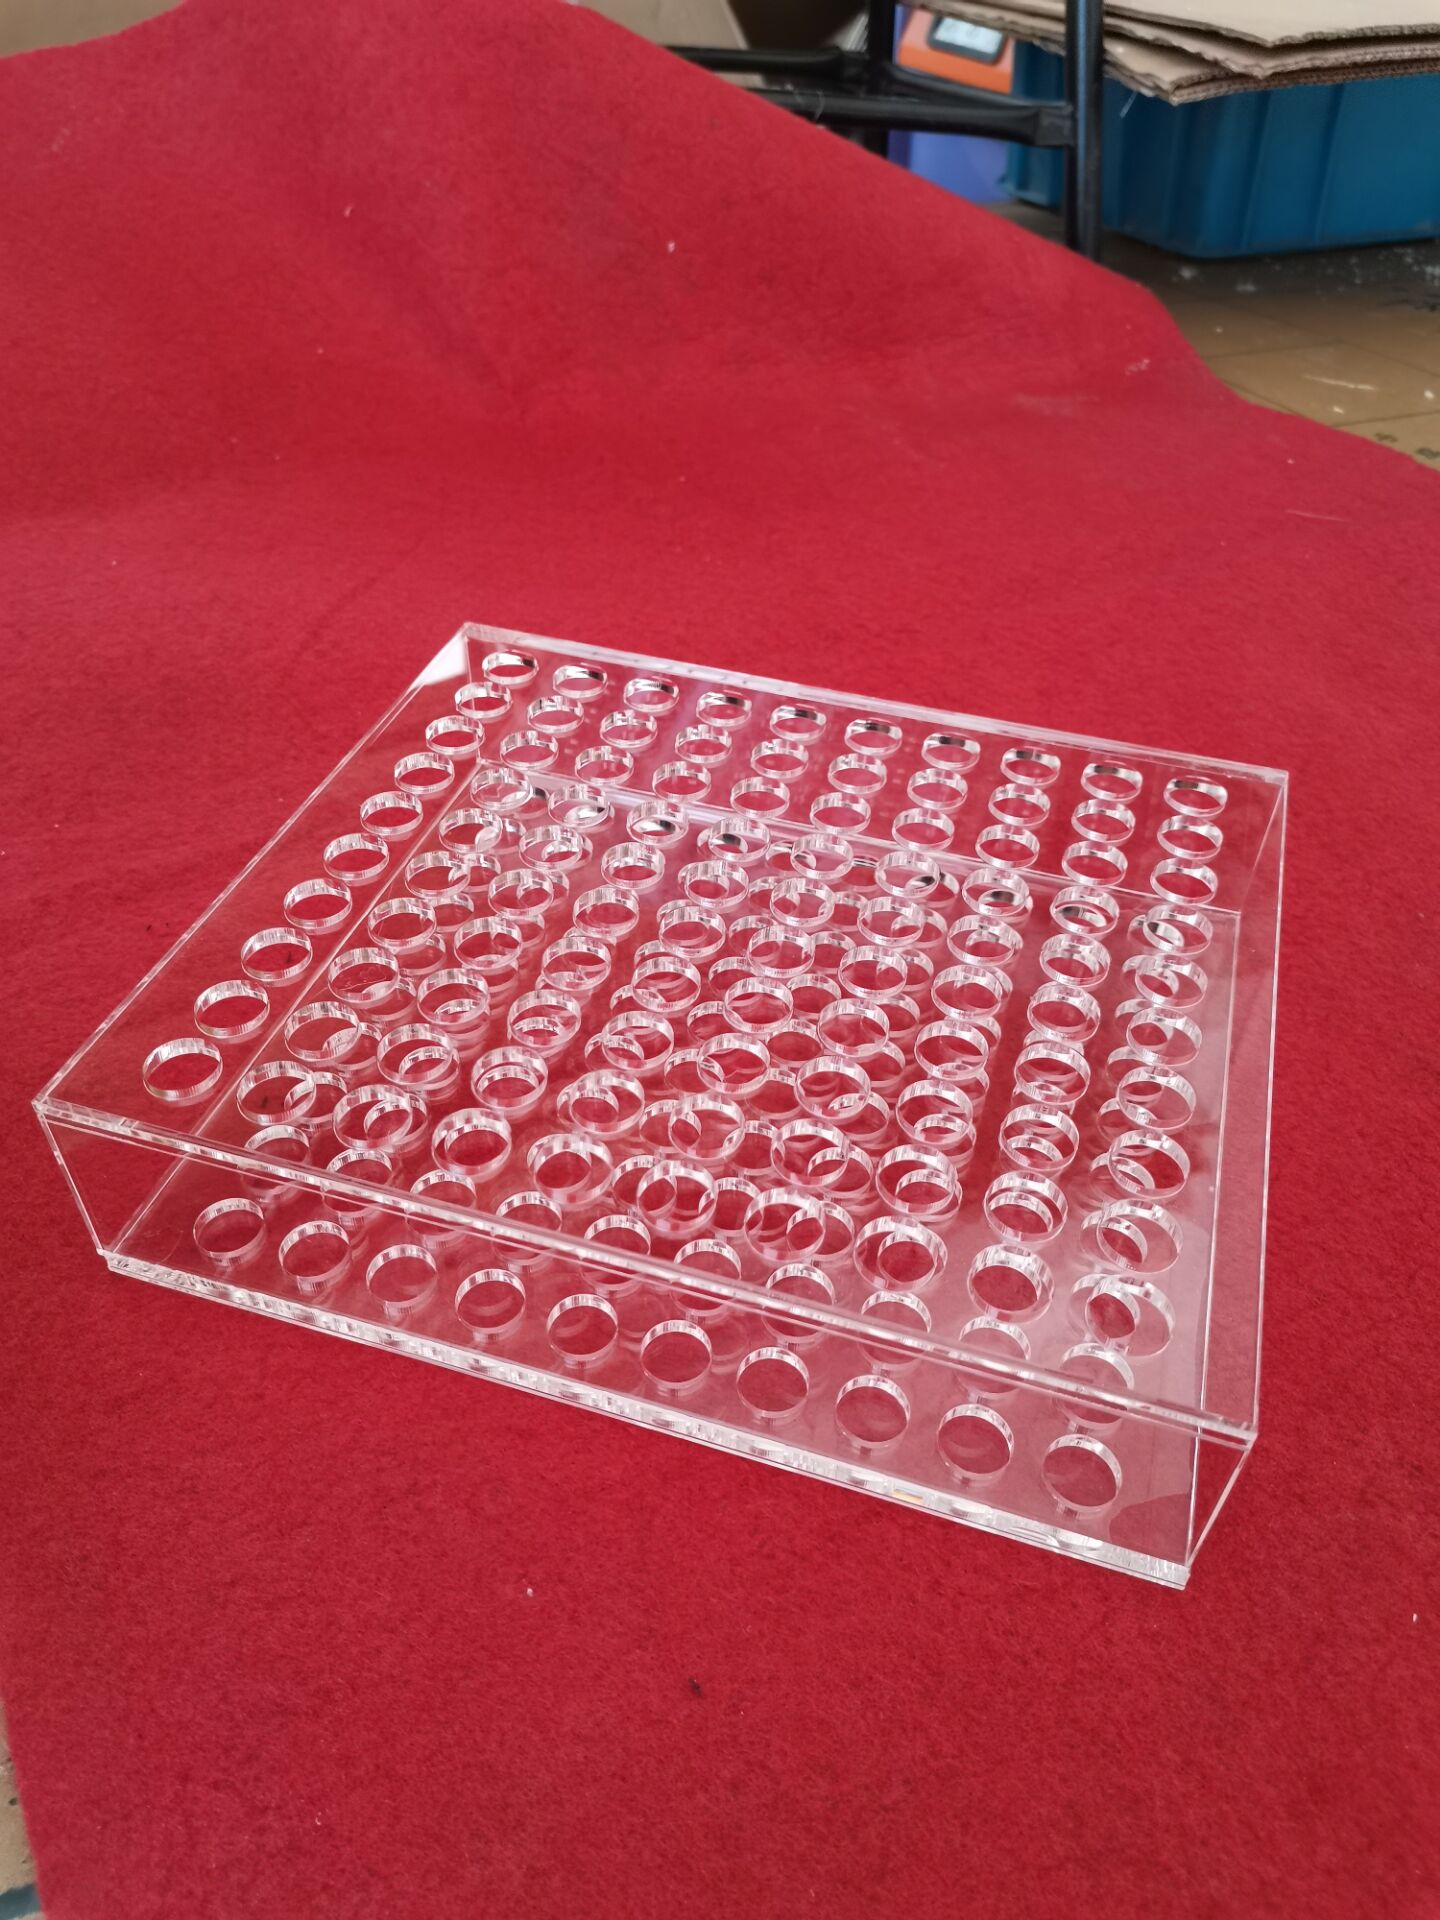 宁波安君定制加工亚克力有机玻璃塑料制品双层化妆工具展示架 100孔试管架